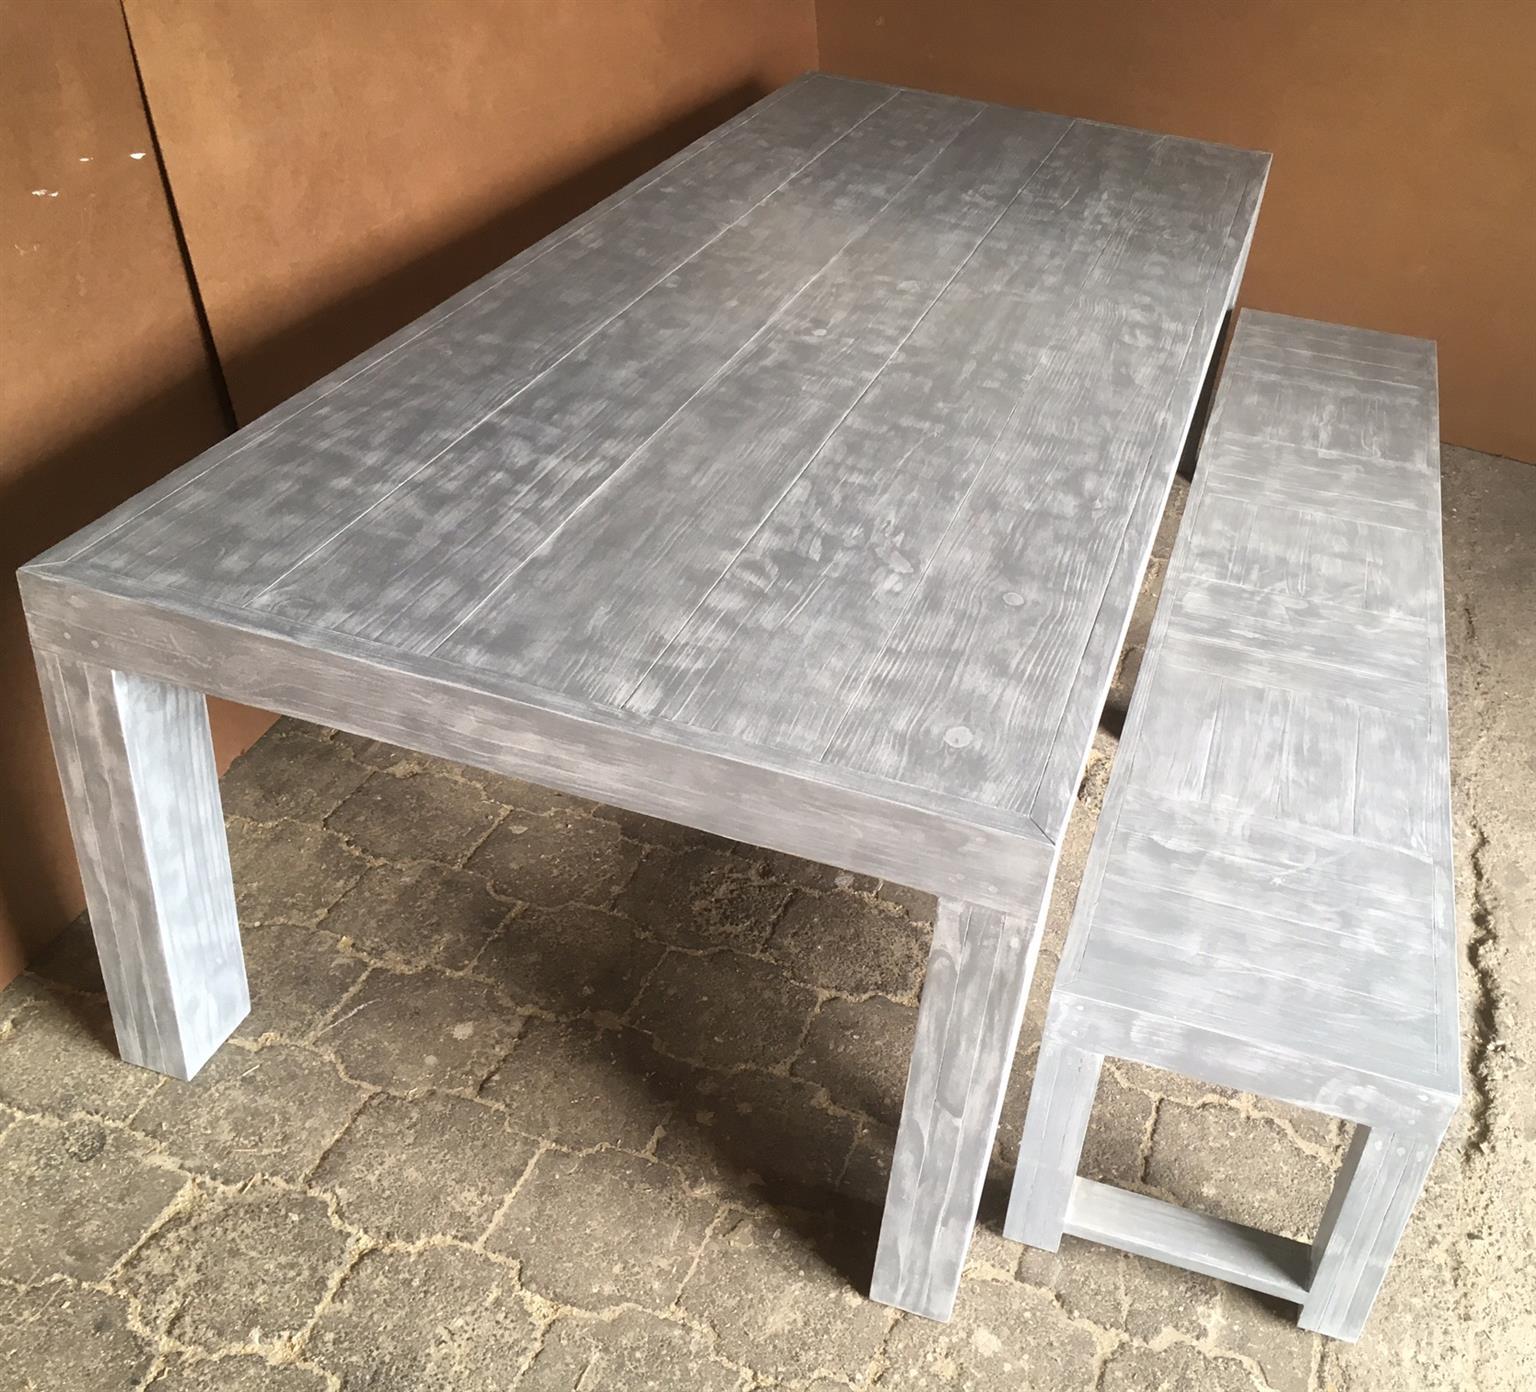 Patio table Chunky Farmhouse series 2750 with pillar legs Combo Glazed